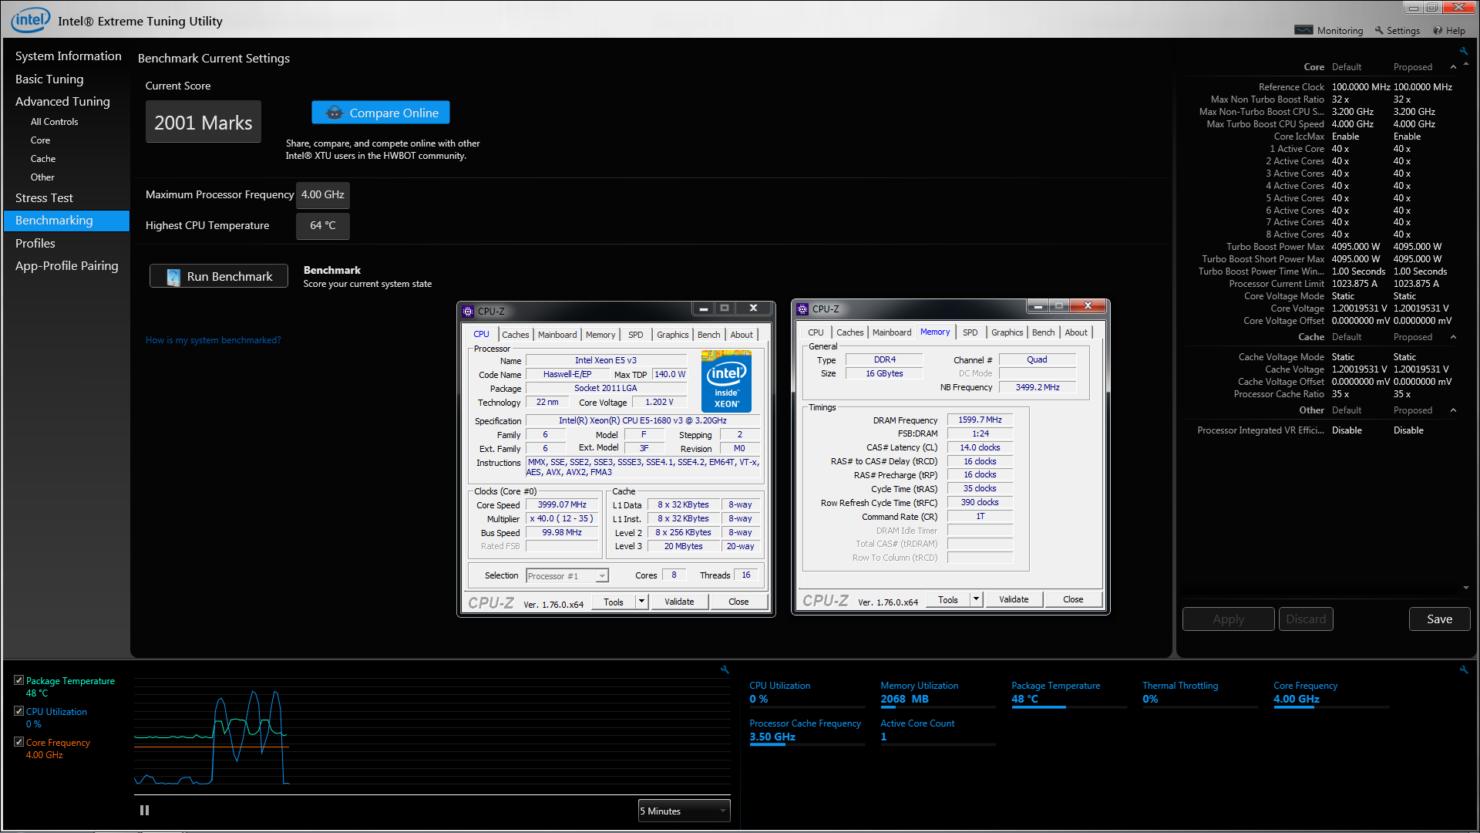 intel-core-i7-6950x-vs-core-i7-5960x_xtu_1